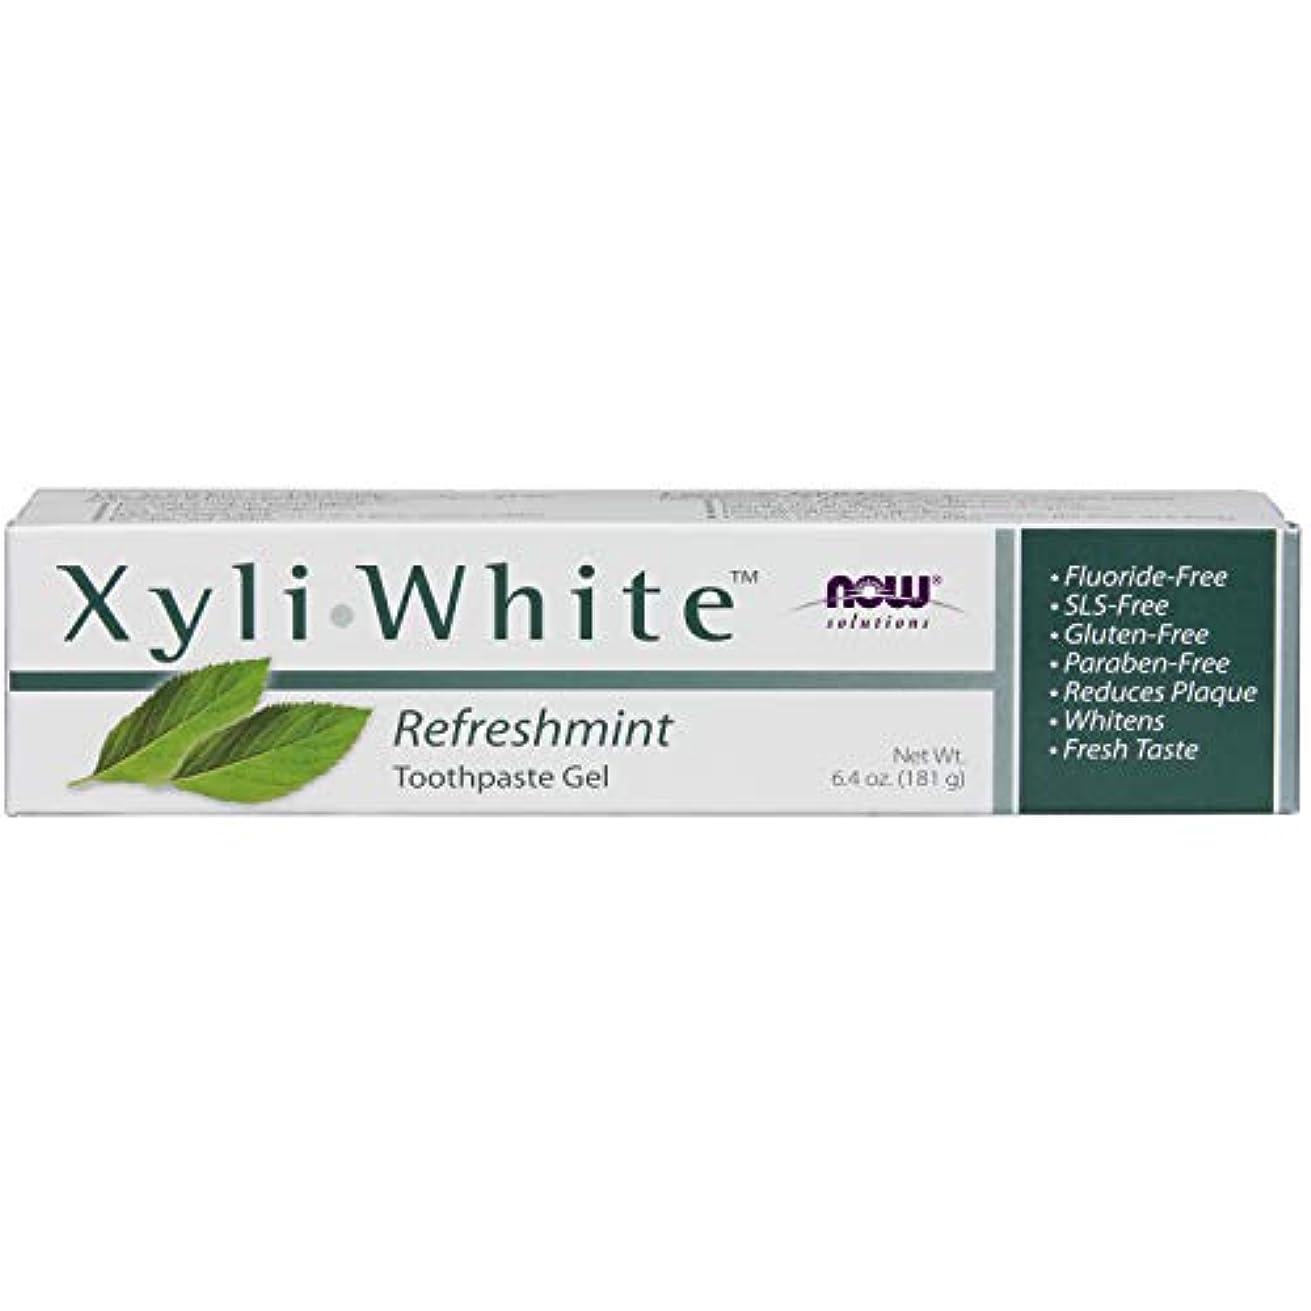 受け入れる抑制援助[海外直送品] ナウフーズ キシリホワイト リフレッシュミント歯磨きジェル 181g